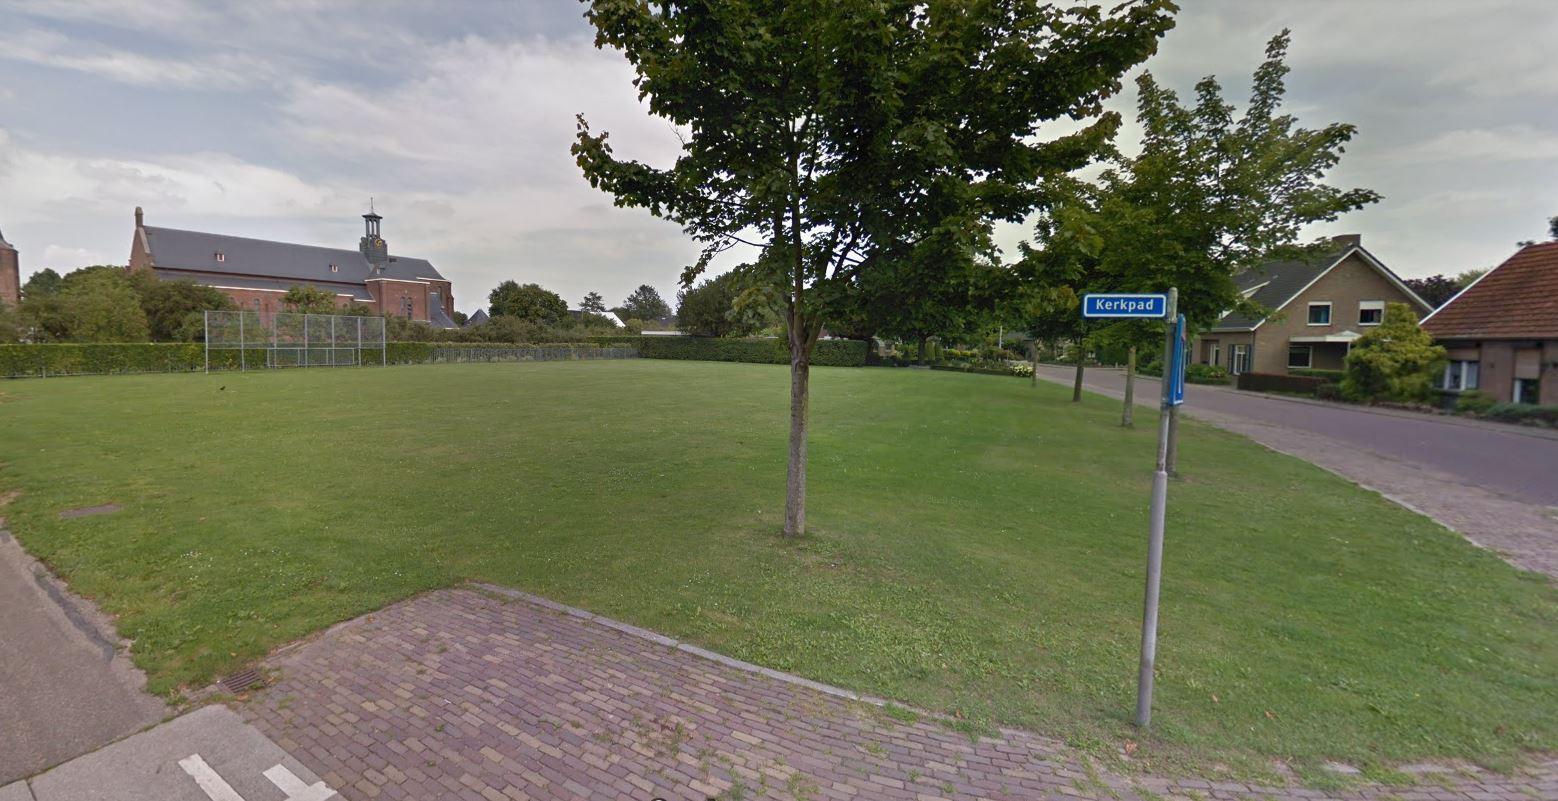 Op de hoek van het Kerkpad en de Leegstraat komen vijf woningen.